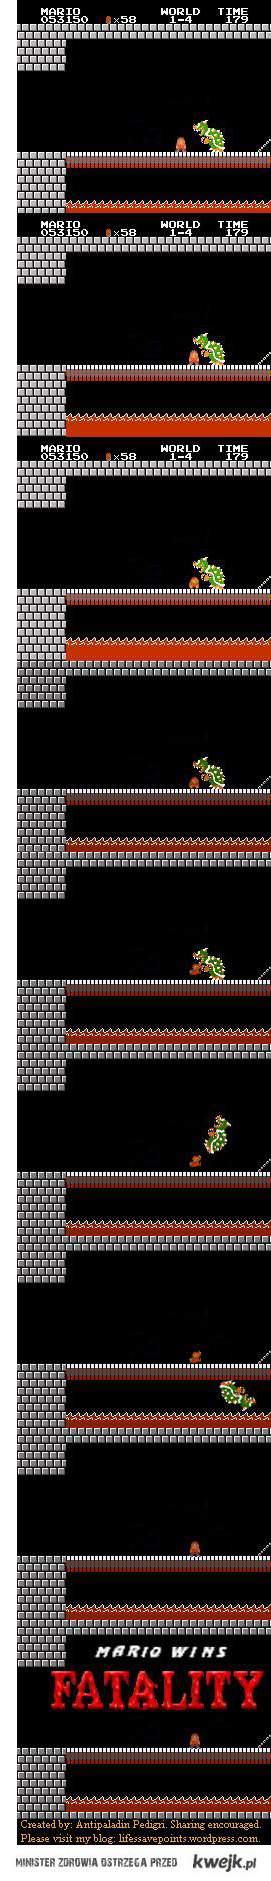 Zaskakujące powiązanie pomiędzy Mario Bros a zupełnie inną, popularną grą.